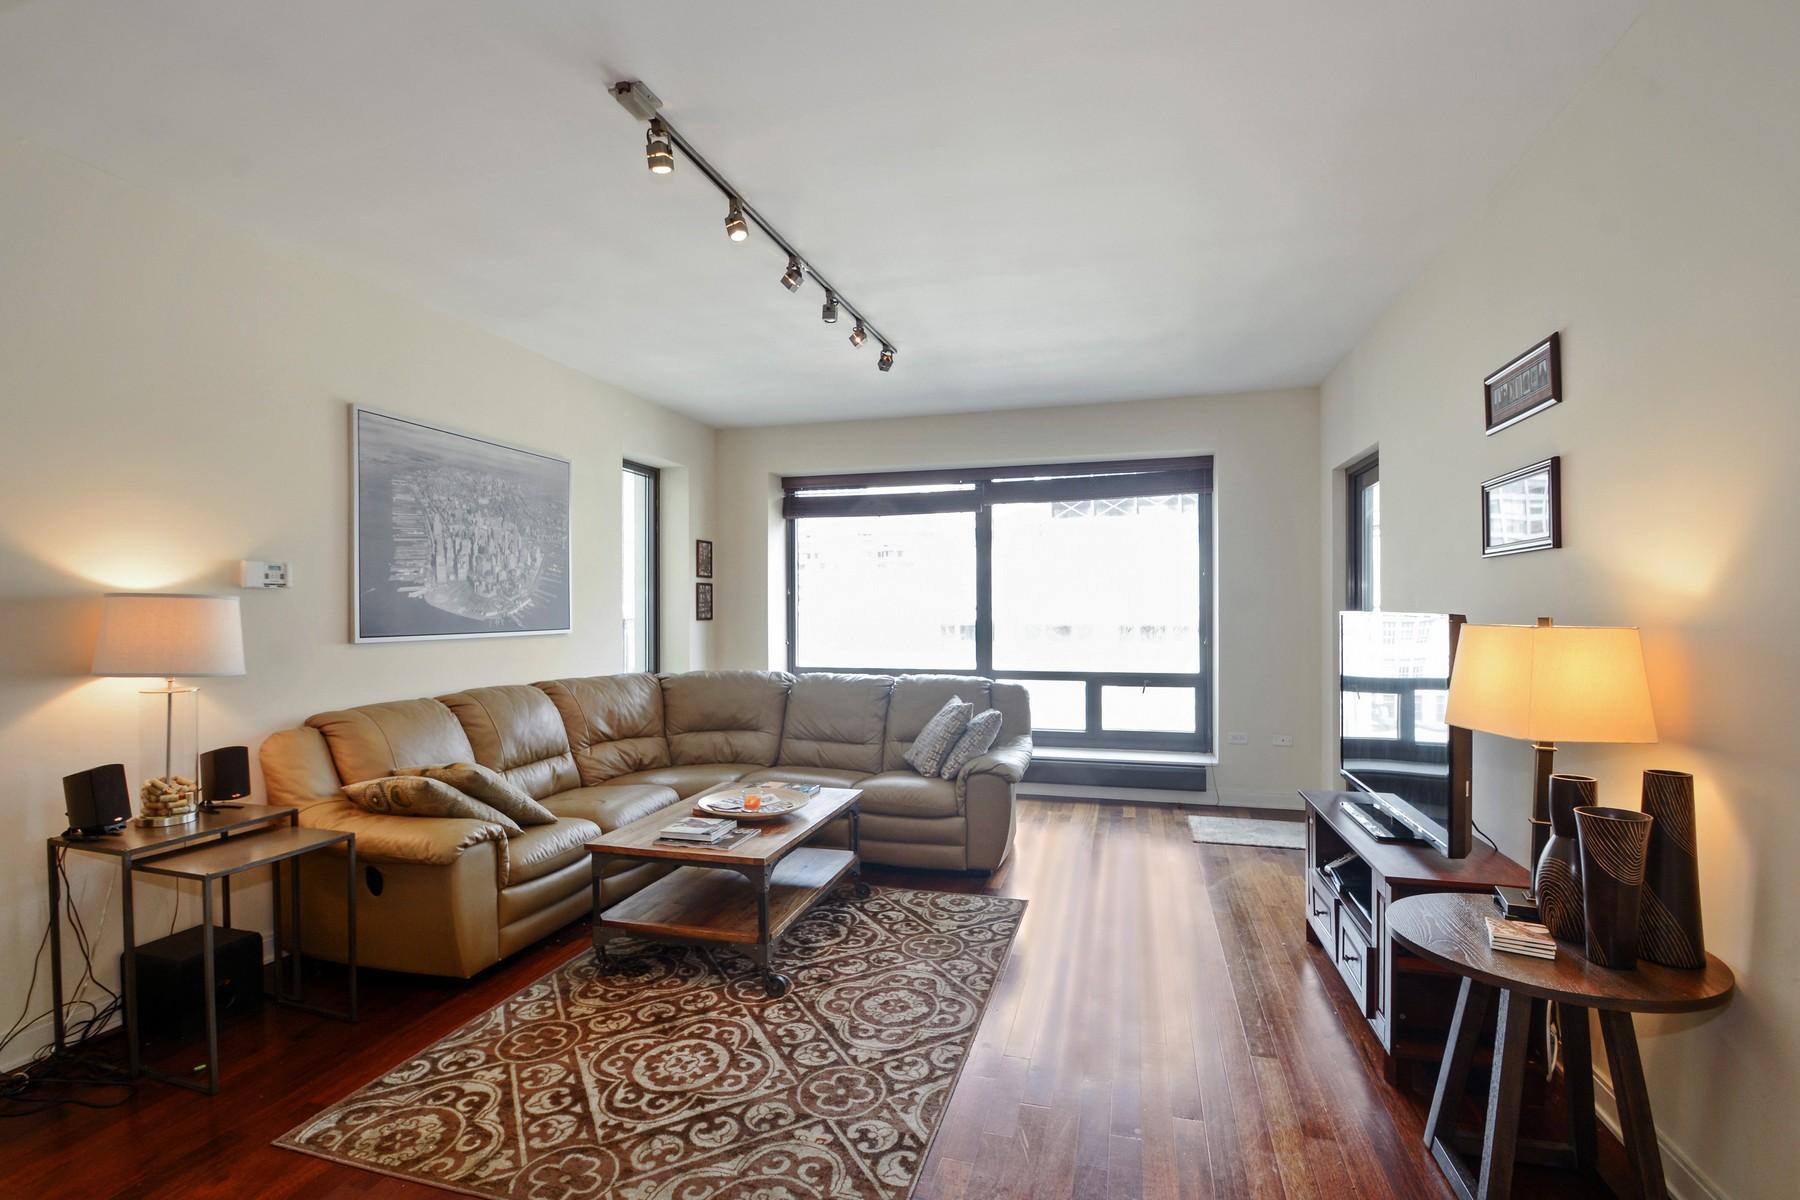 Condominium for Sale at The Heritage at Millenium Park 130 N Garland Court Unit 1812 Loop, Chicago, Illinois, 60602 United States